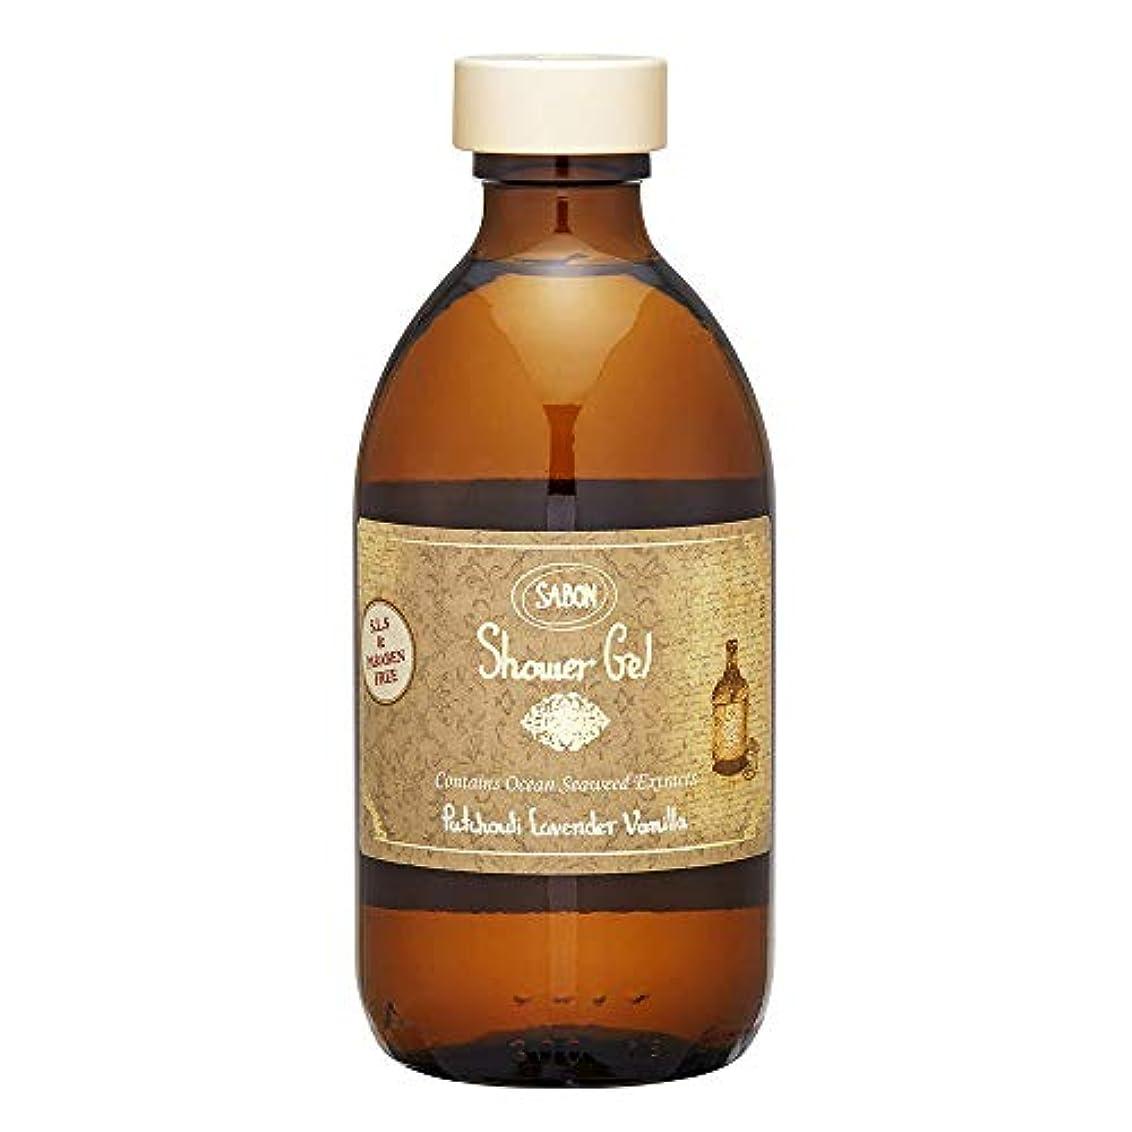 ビタミン液体クラッシュサボン シャワージェル パチョリ ラベンダー バニラ300ml [並行輸入品]